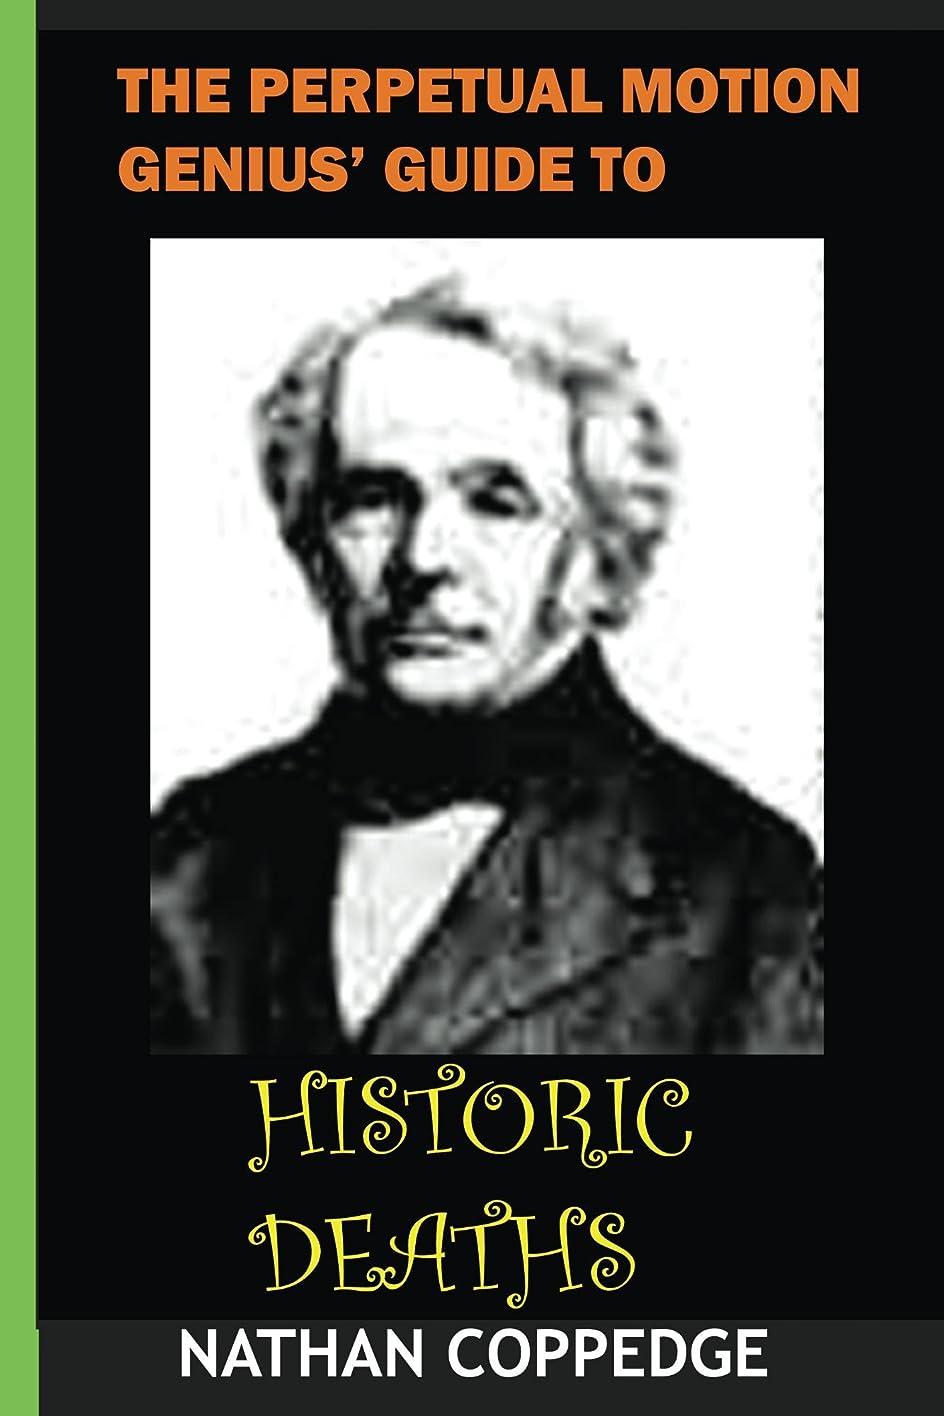 行う突進不完全なPerpetual Motion Genius' Guide to Historical Deaths (Perpetual Motion Genius' Guides) (English Edition)